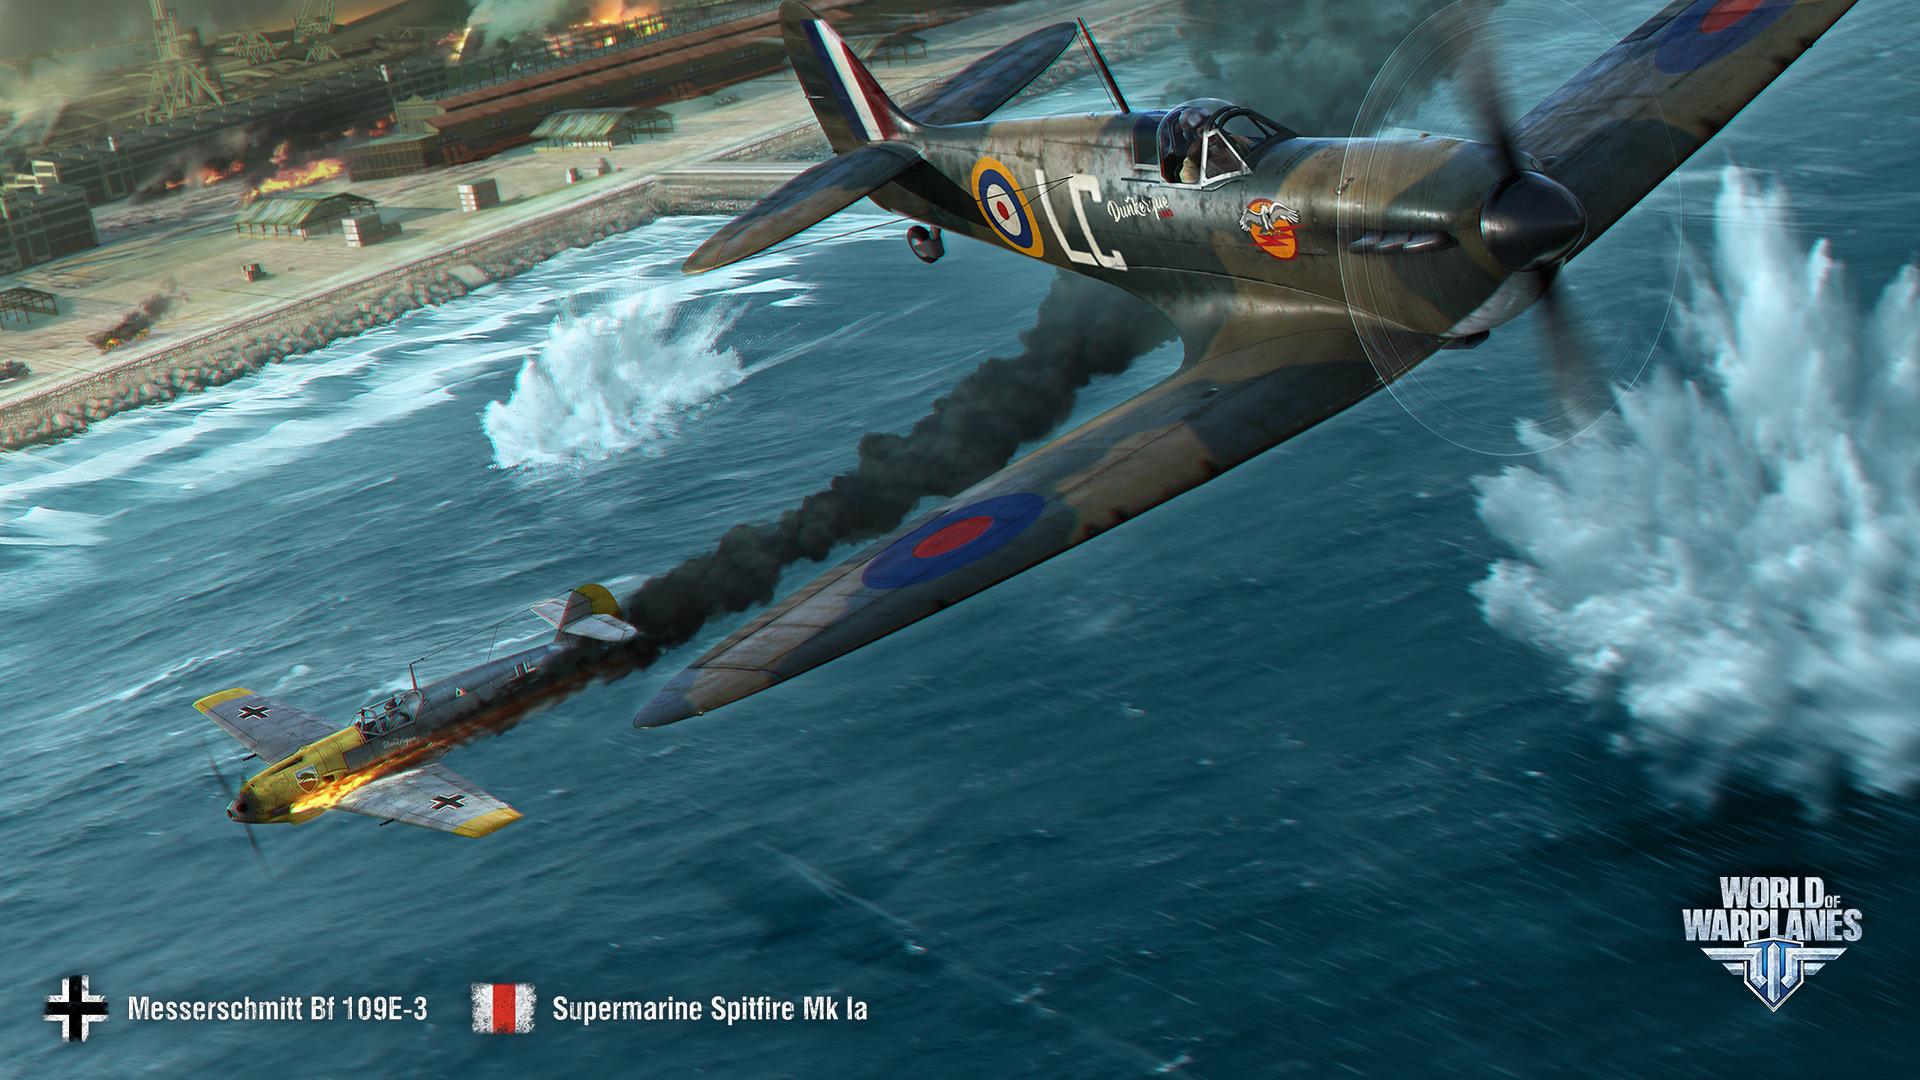 27+ Spitfire Wallpaper Pc Pics